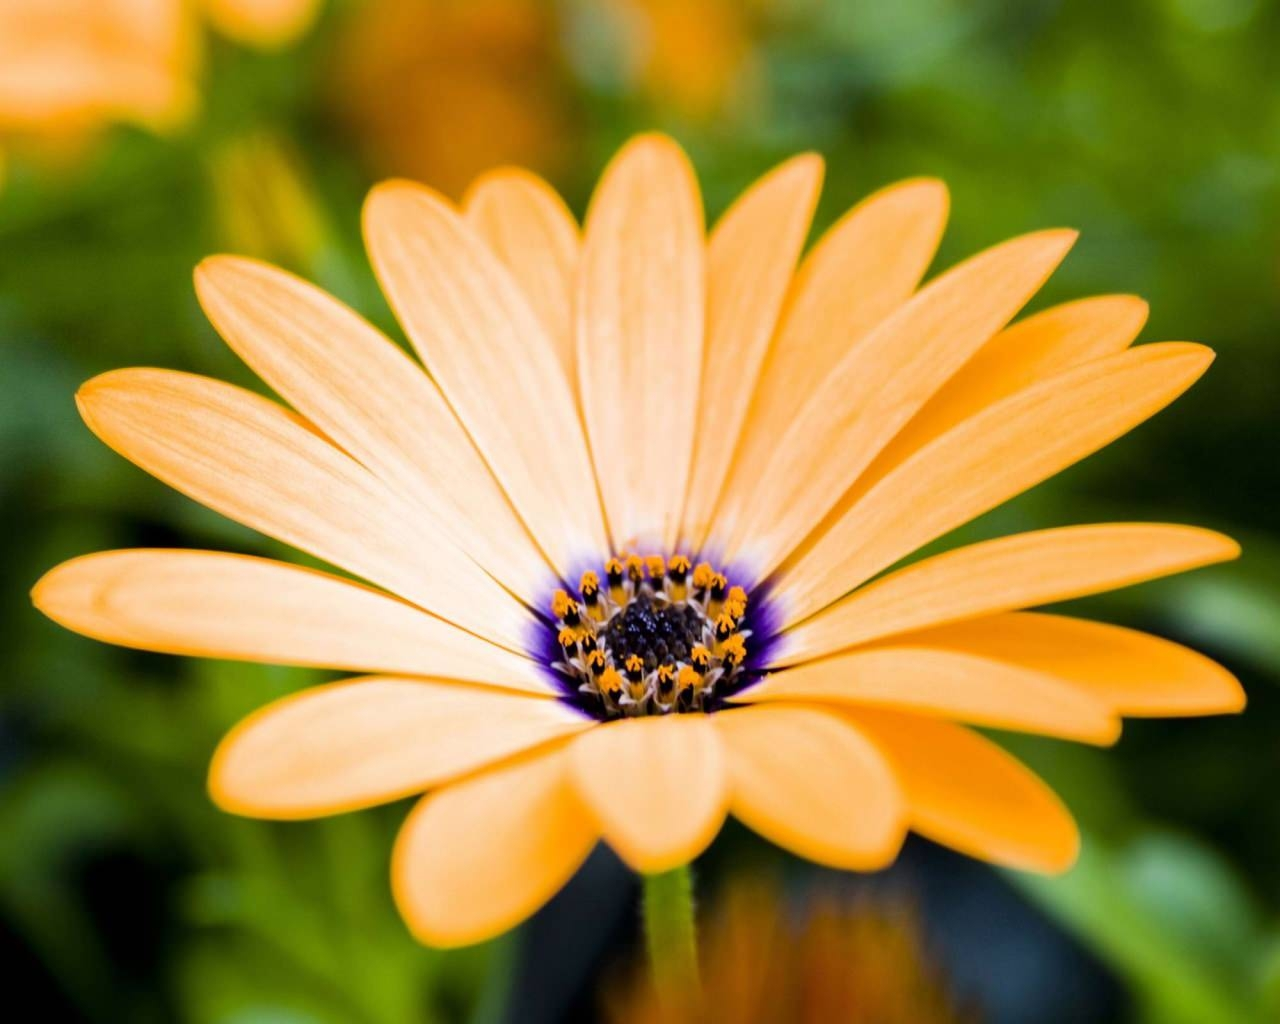 orange-gerbera-flower-hd-wallpaper